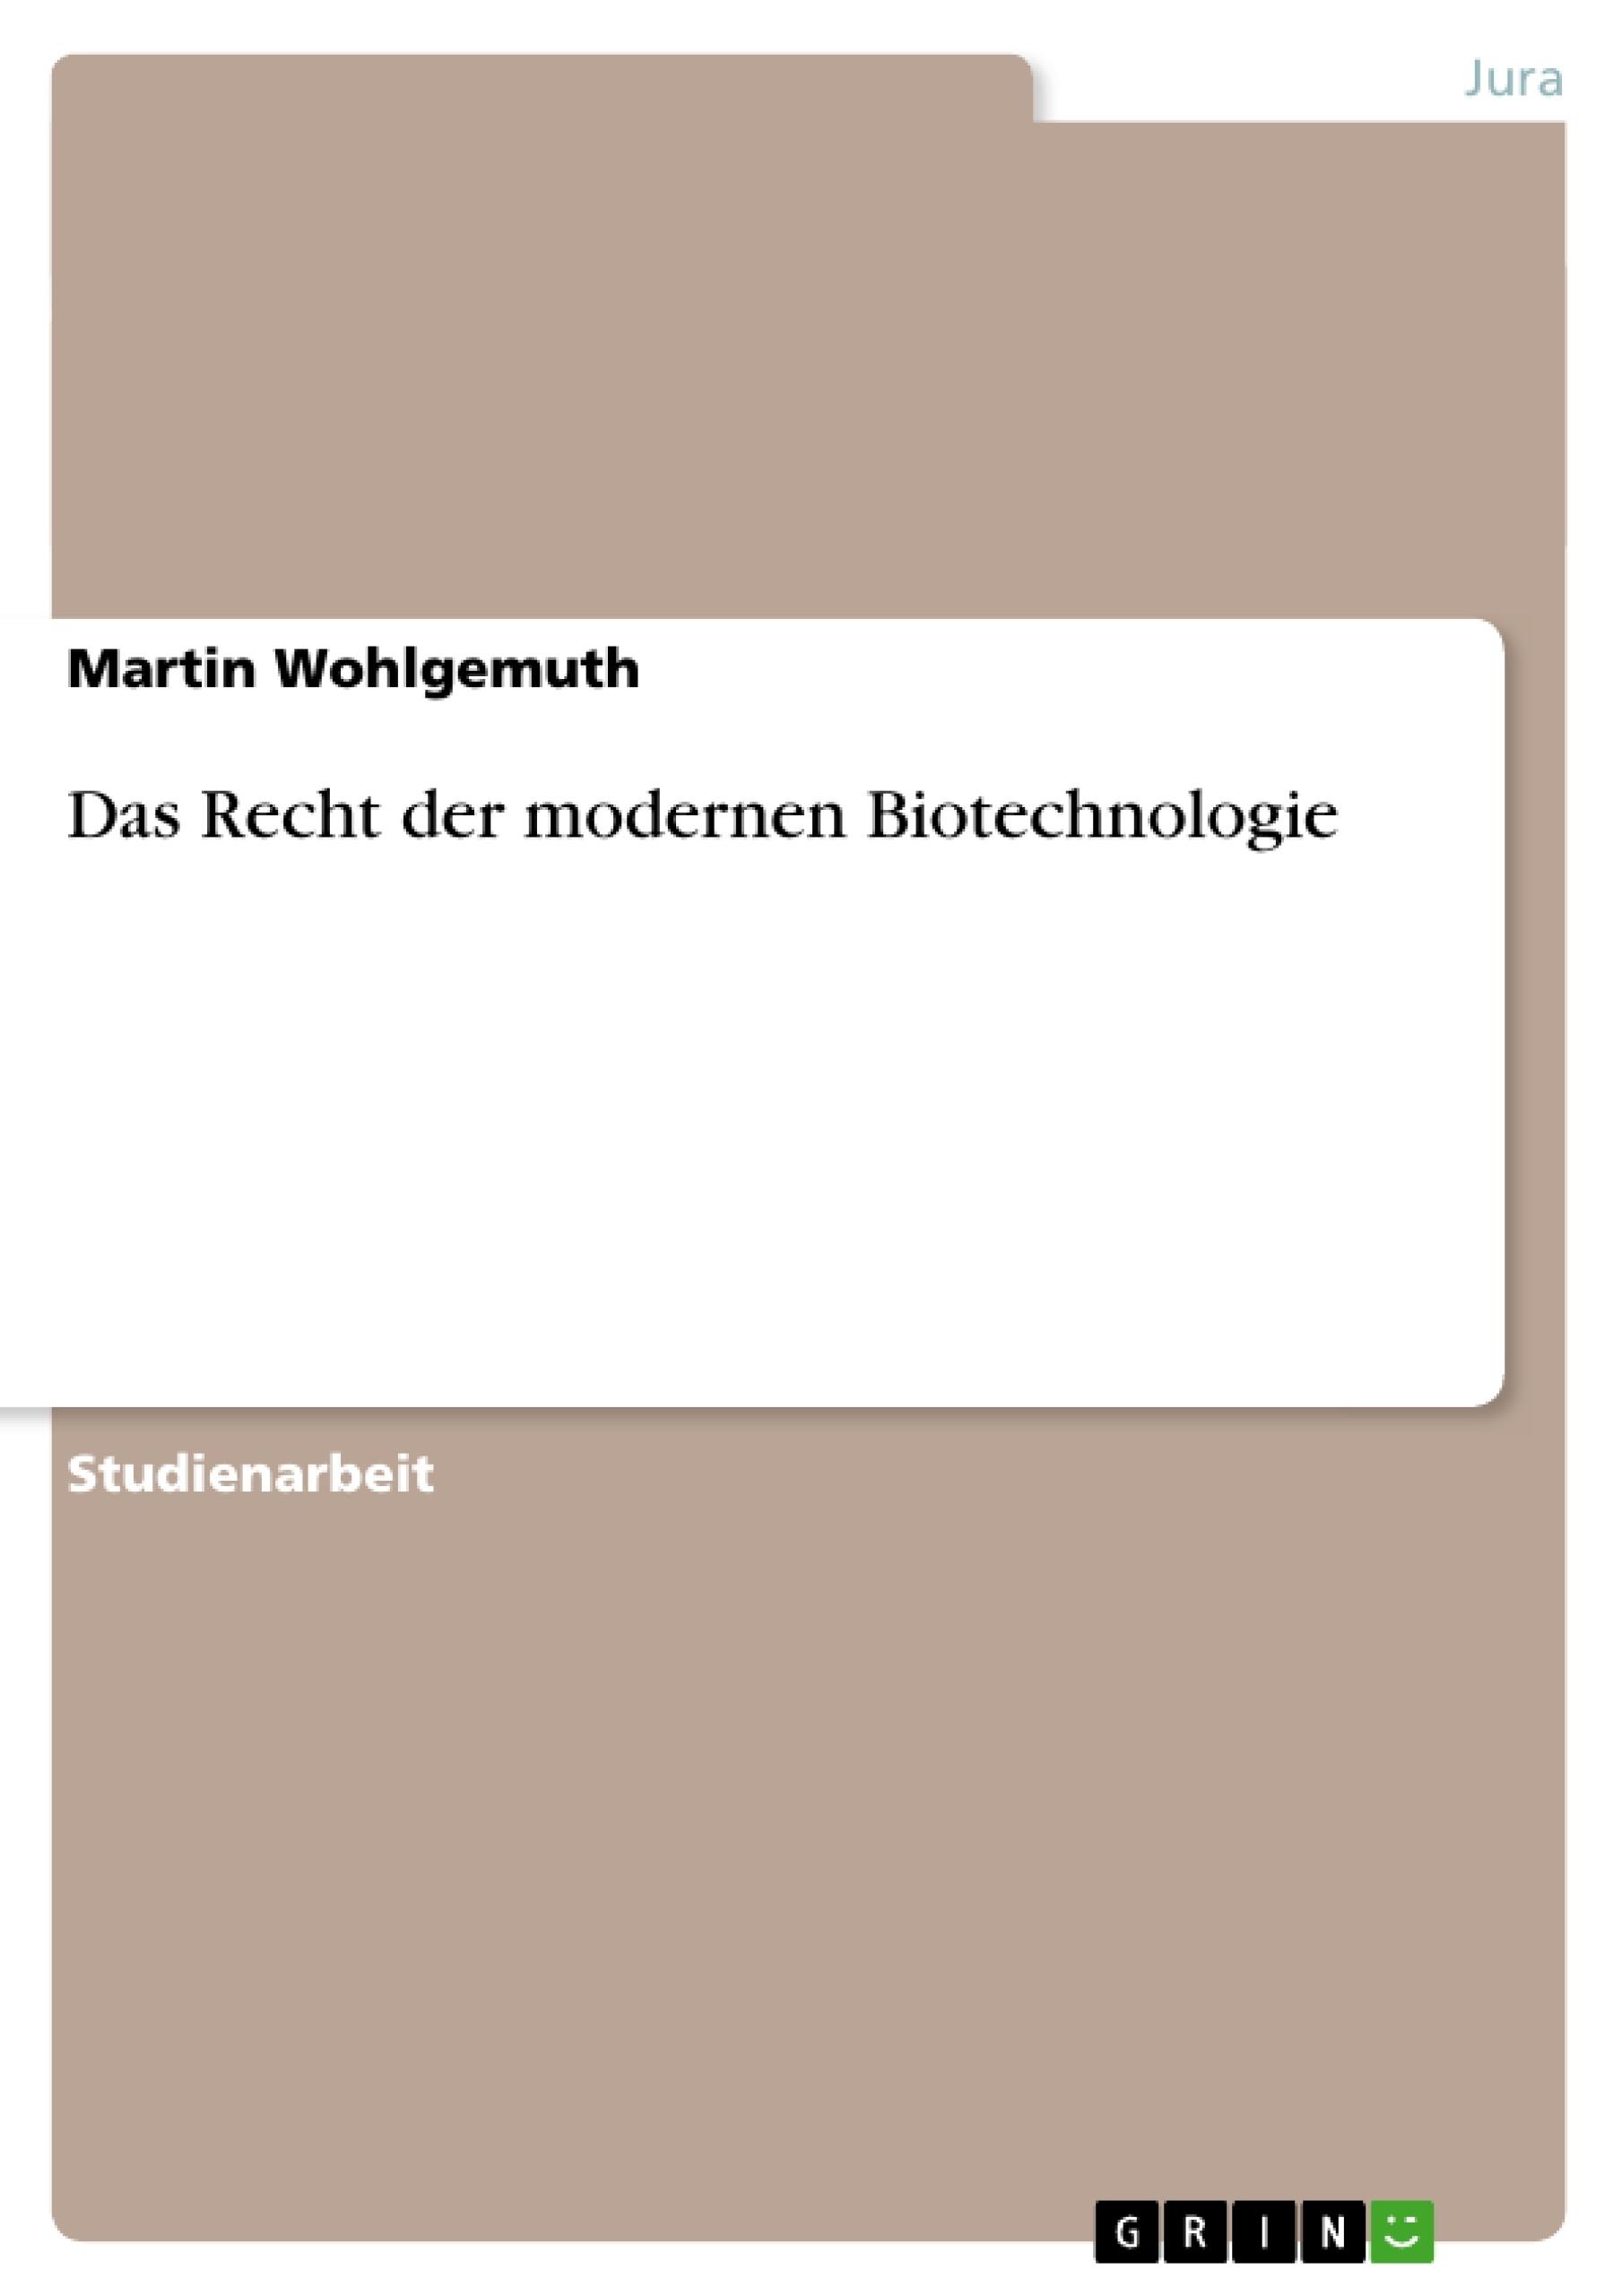 Titel: Das Recht der modernen Biotechnologie